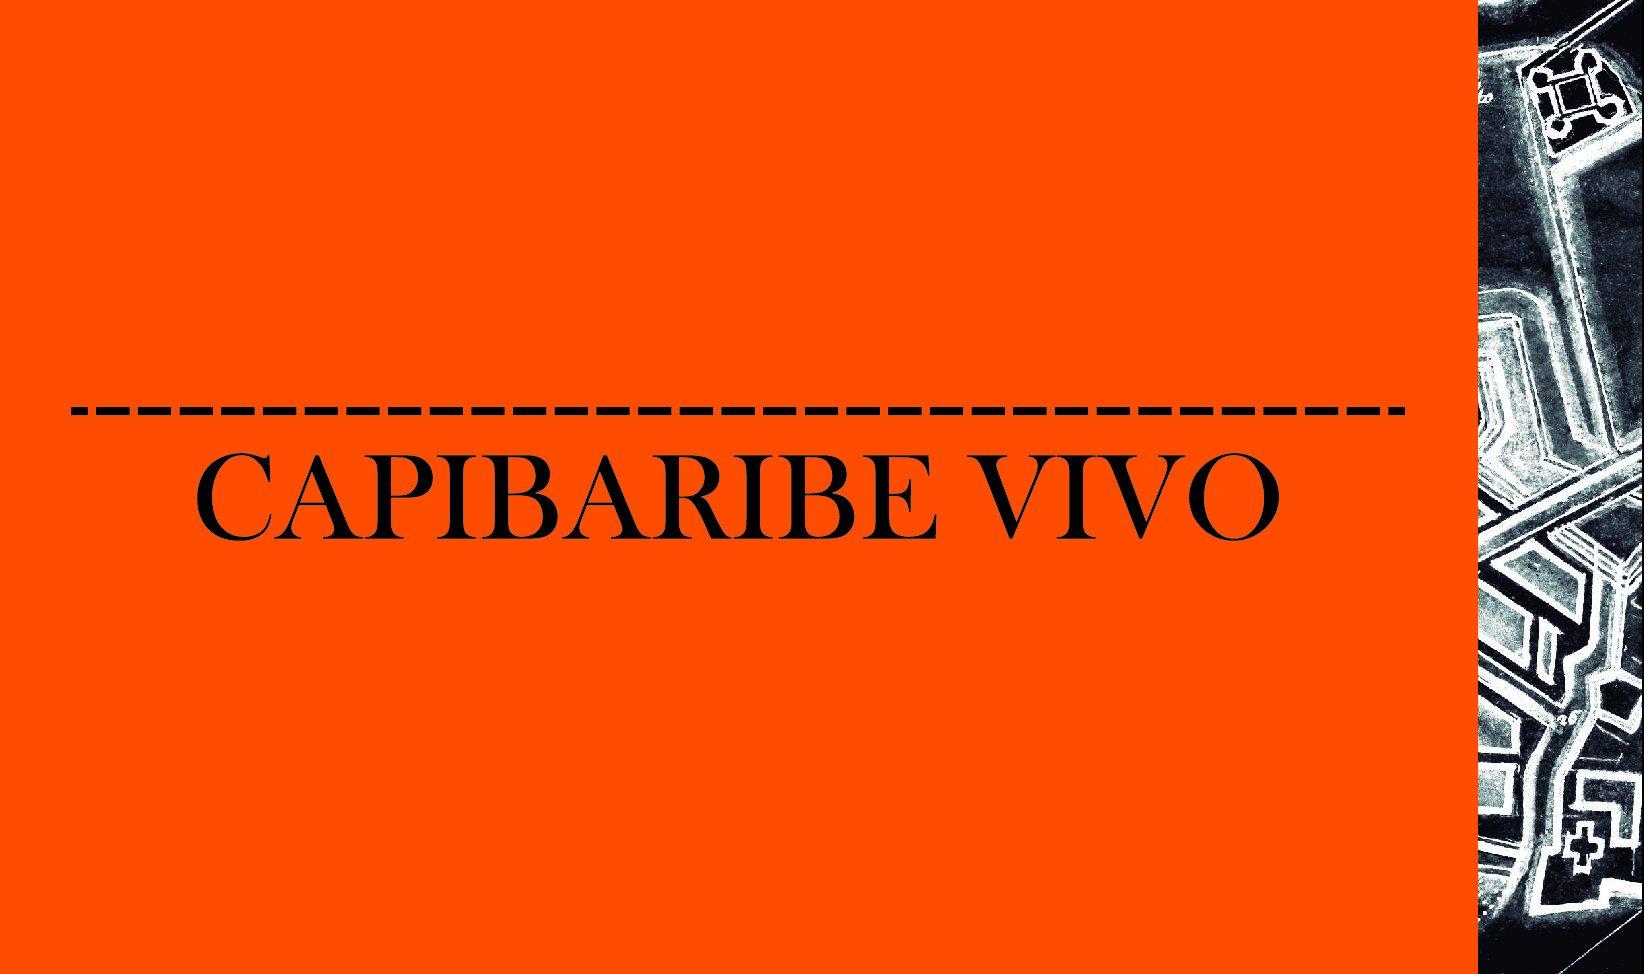 Capibaribe Vivo